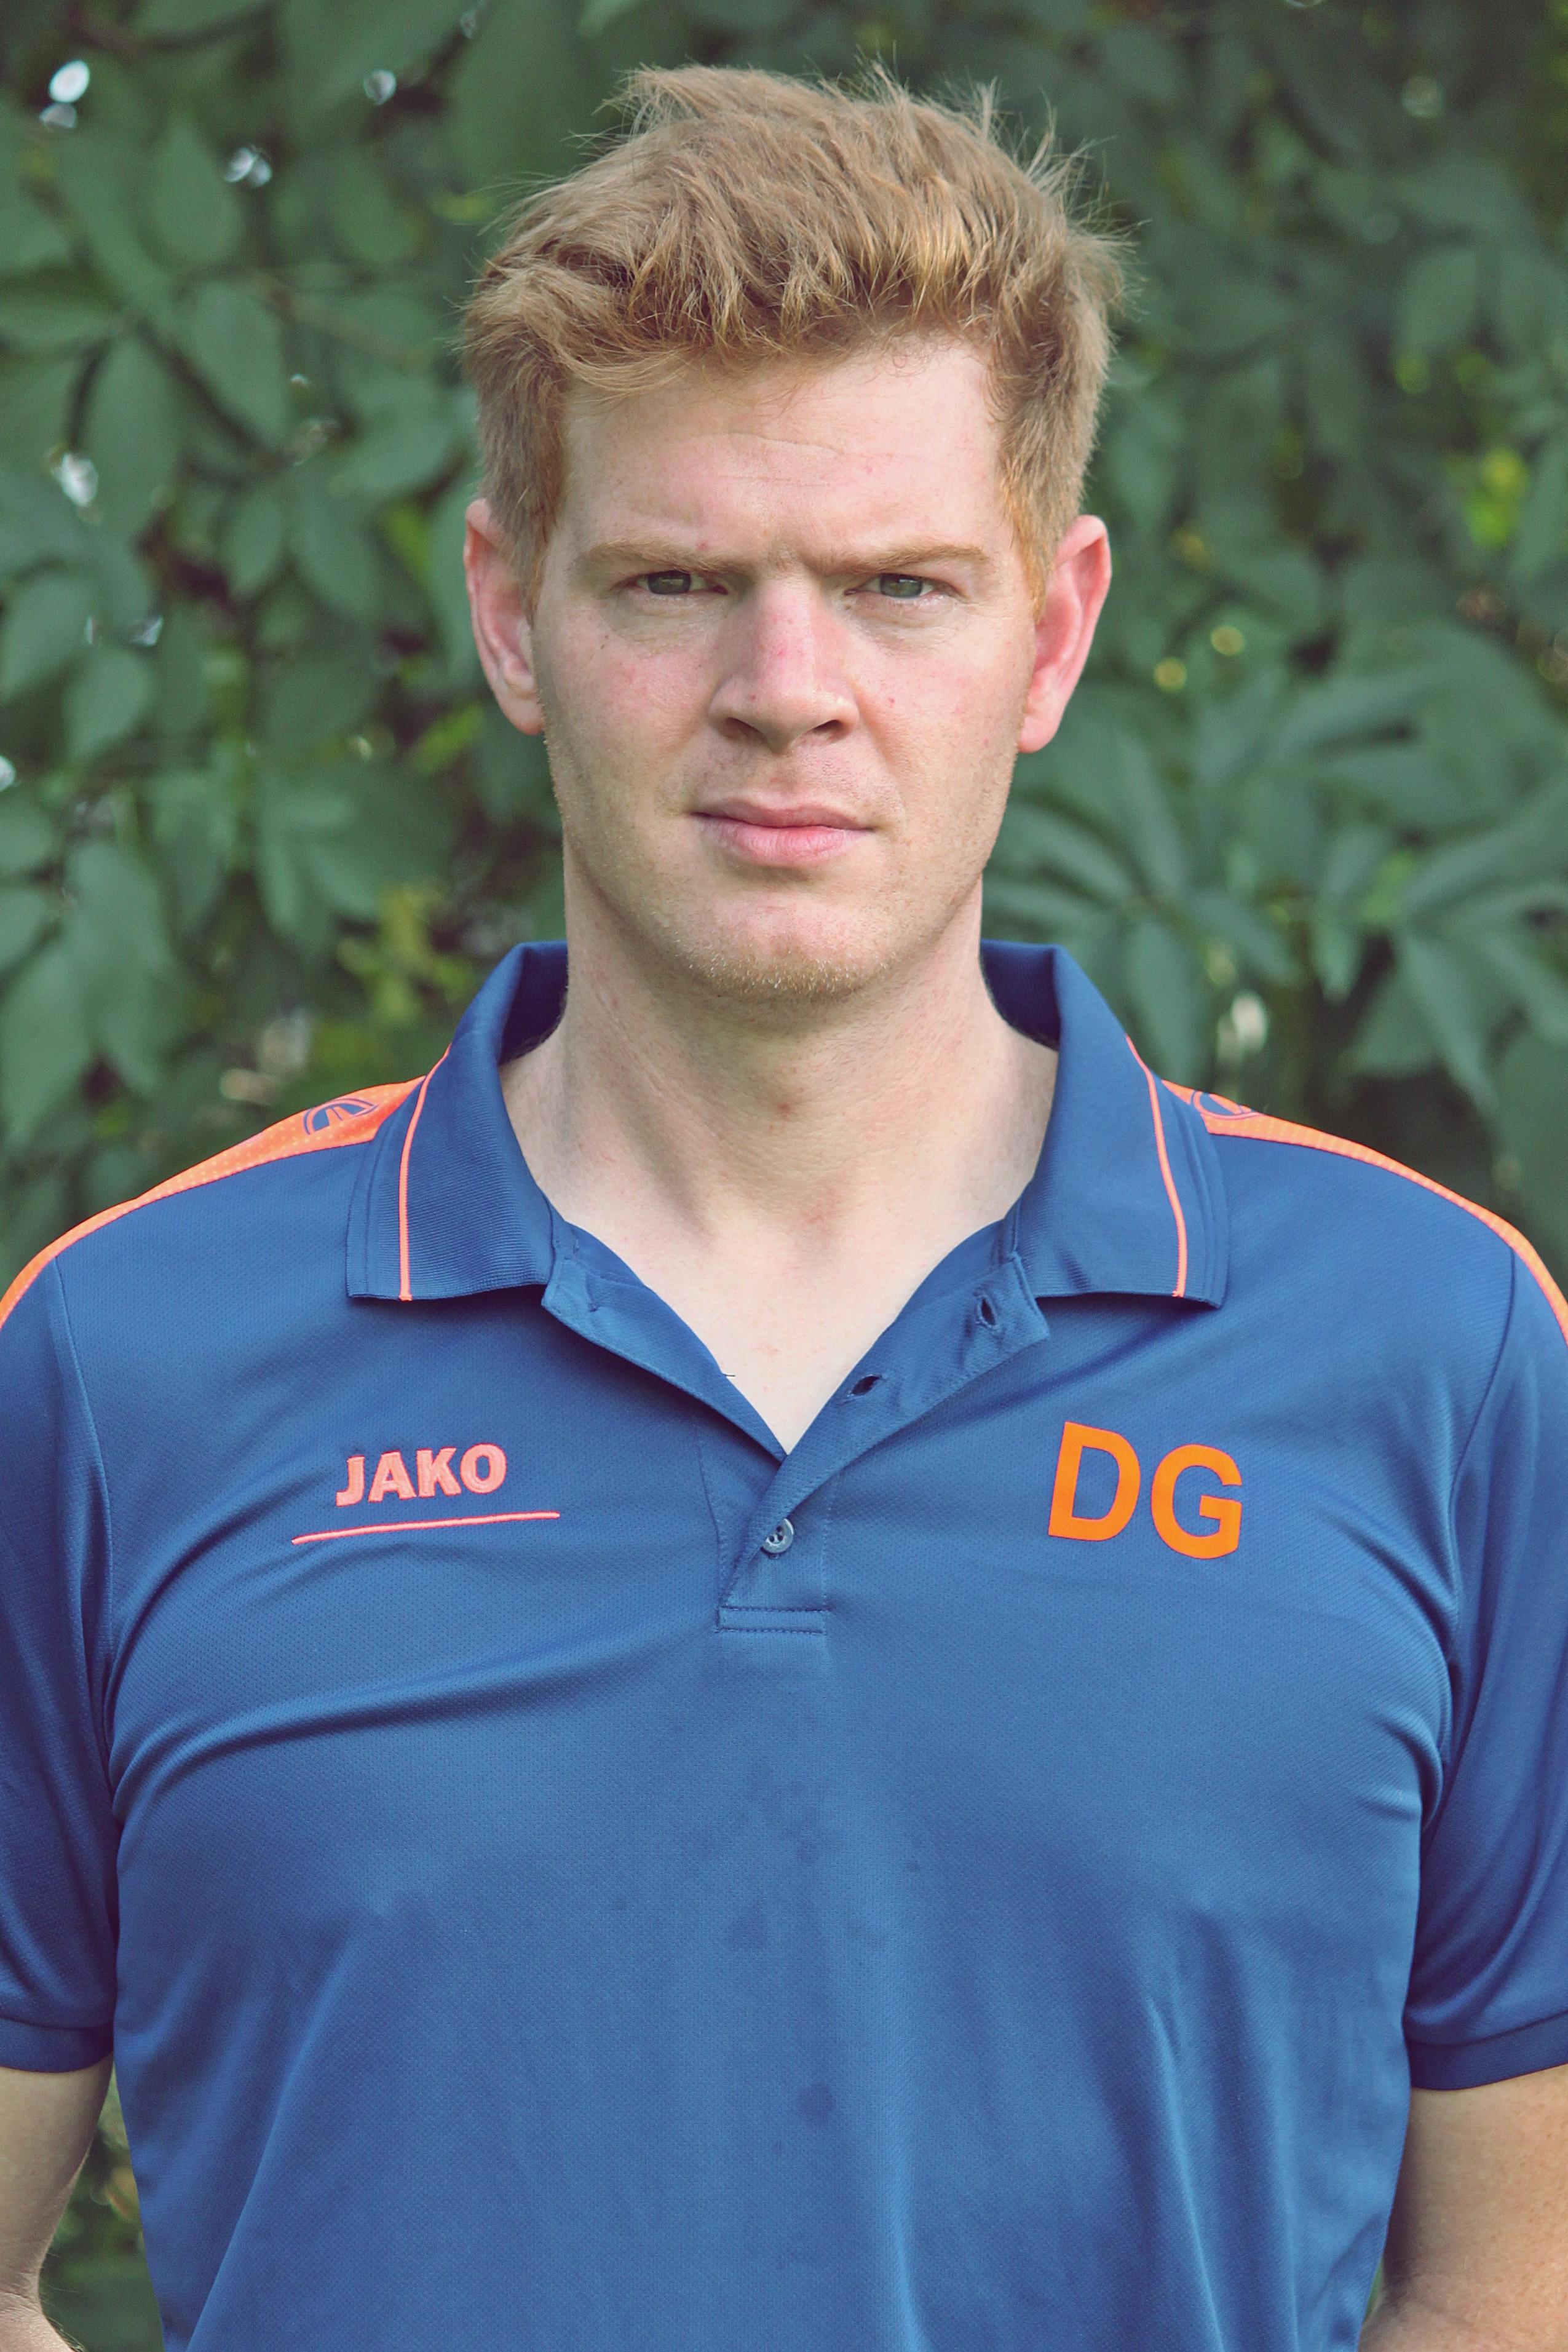 Daniel Goncz